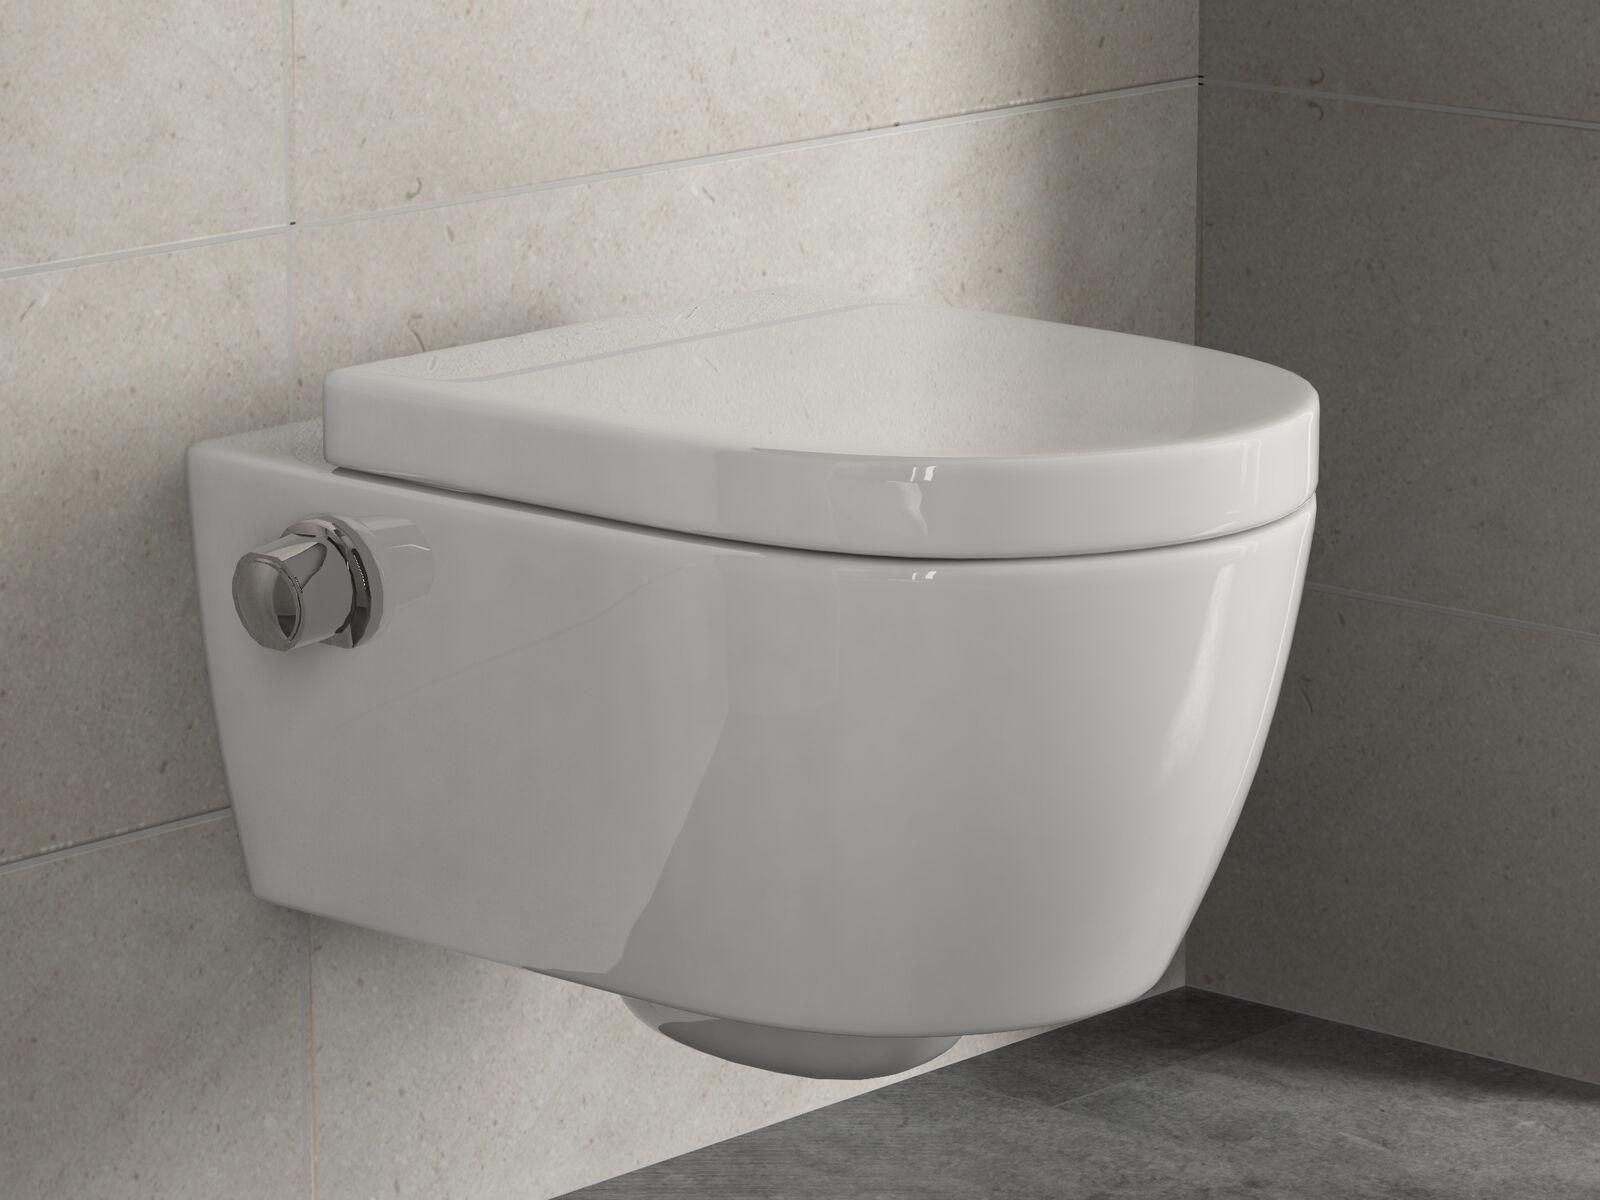 Full Size of Dusch Wc Taharet Wand Hngewc Bidet Toilette Mit Duschen Kaufen Dusche Einbauen Badewanne Geberit Anal Antirutschmatte Mischbatterie Breuer Begehbare Fliesen Dusche Dusch Wc